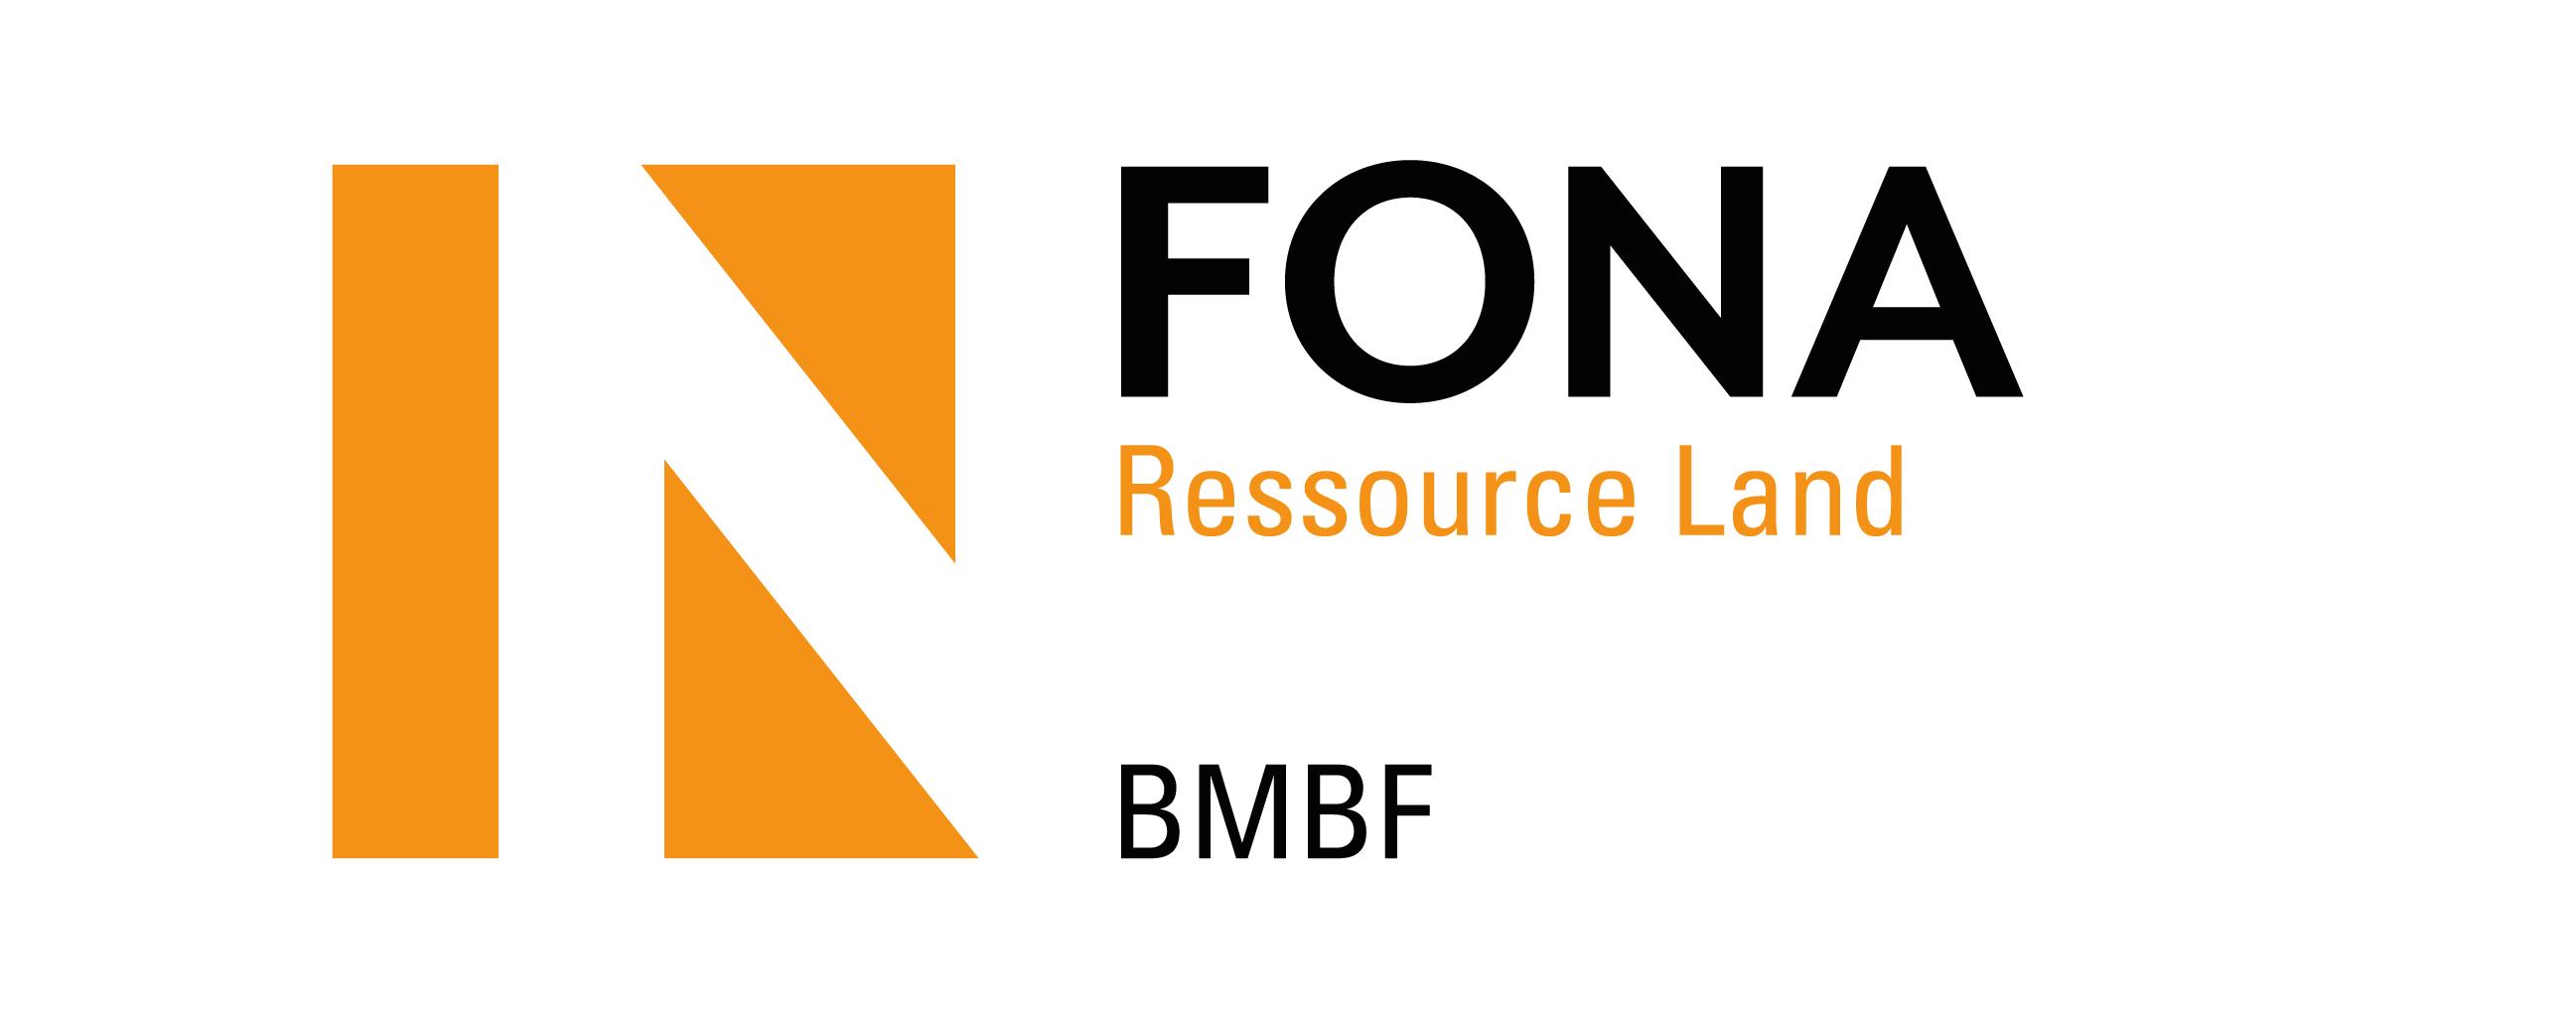 Bmbf Fona